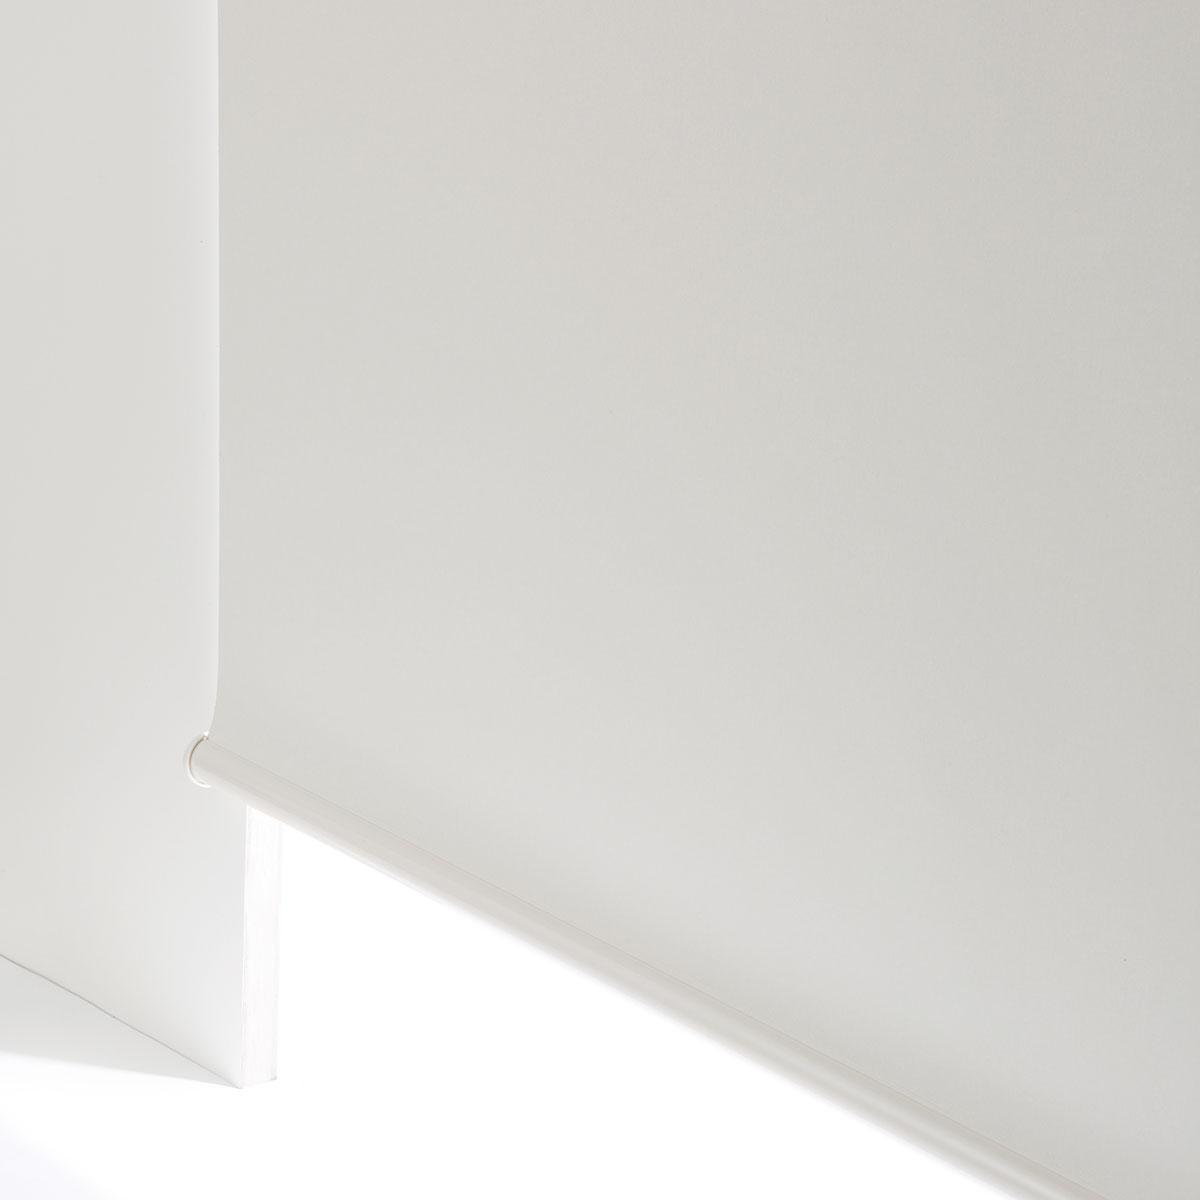 間仕切り 窓 目隠し ホームファッション 遮光ロールスクリーン チェーン式 ニトリ 品質検査済 ドルフィンWH 80X220 〔合計金額11000円以上送料無料対象商品〕 玄関先迄納品 1年保証 ギフ_包装